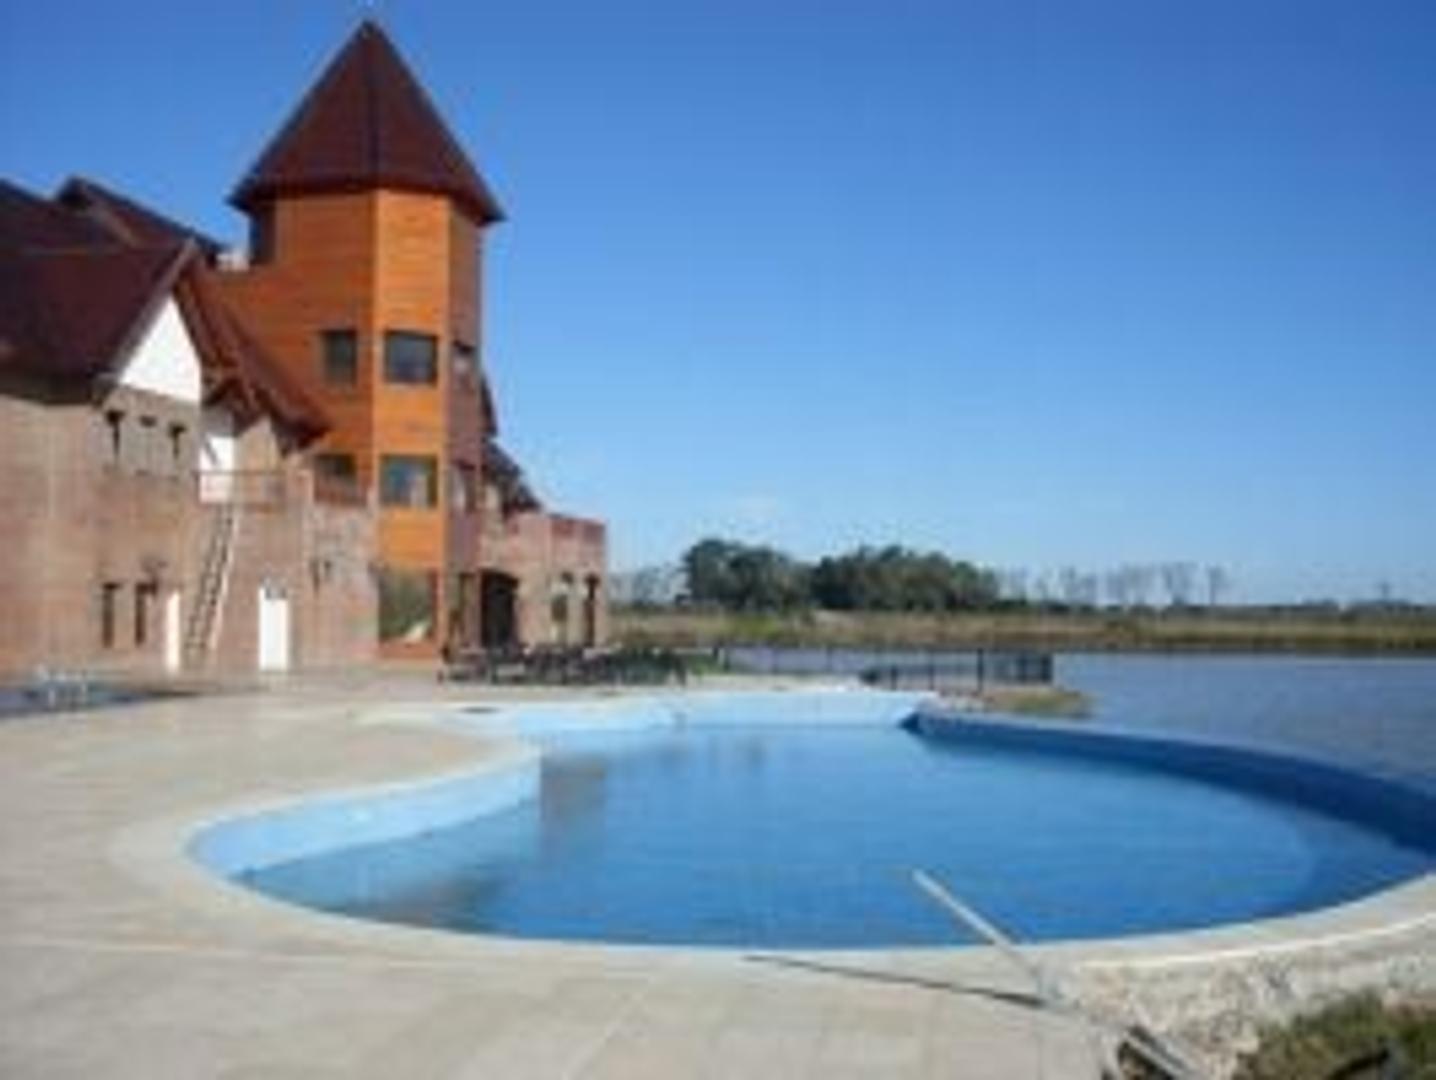 Excelente lote a la venta con fondo a la laguna - Pincipado de San Vicente - Canning